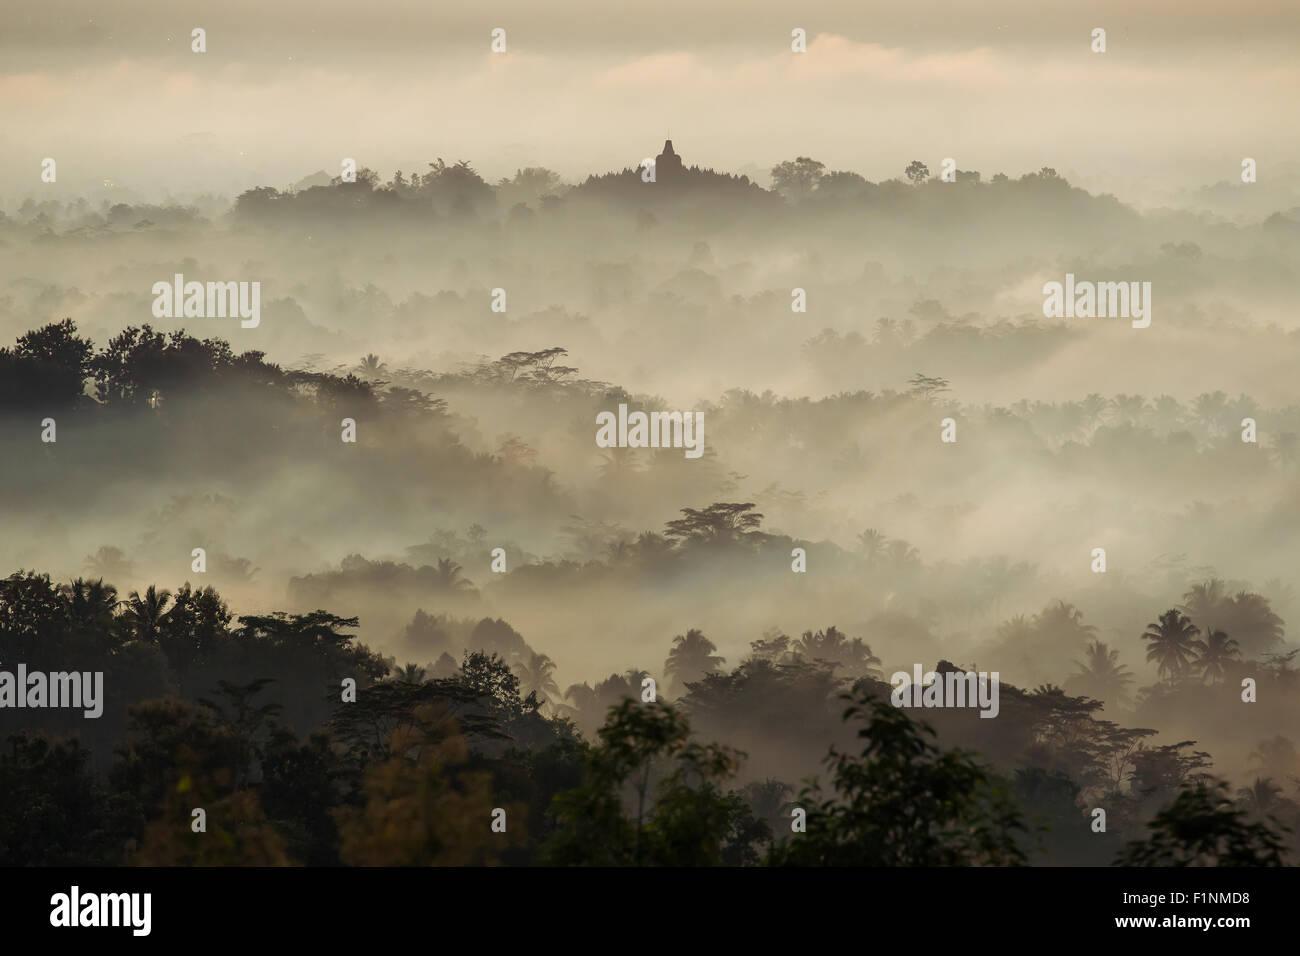 Colorido amanecer sobre el templo Borobudur en brumoso bosque, selva Indoneisa Imagen De Stock